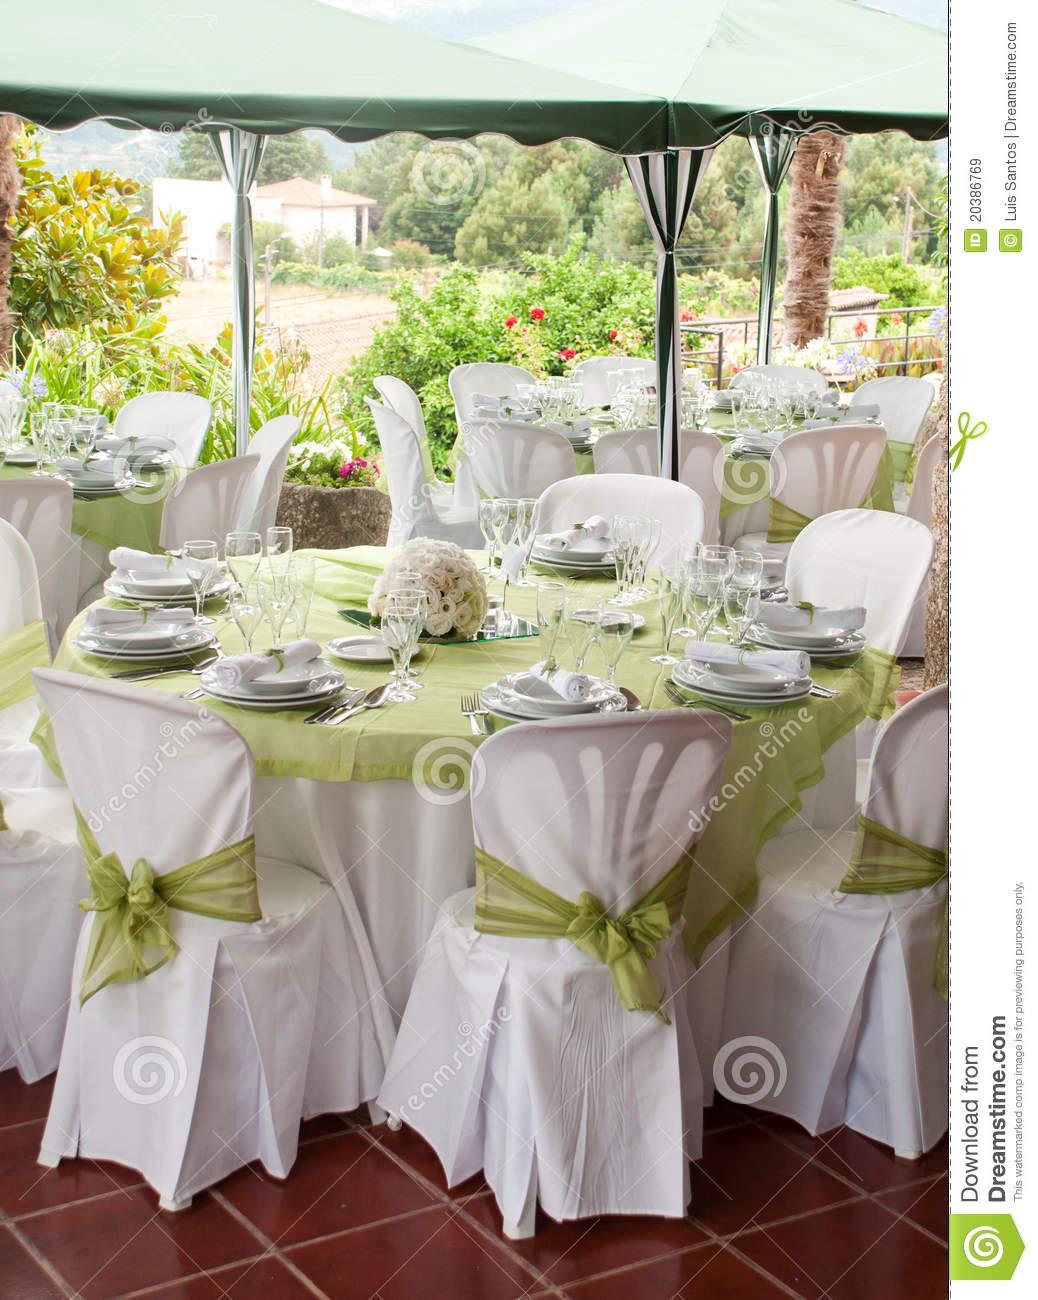 Tipy na prostírání stolů - Obrázek č. 75